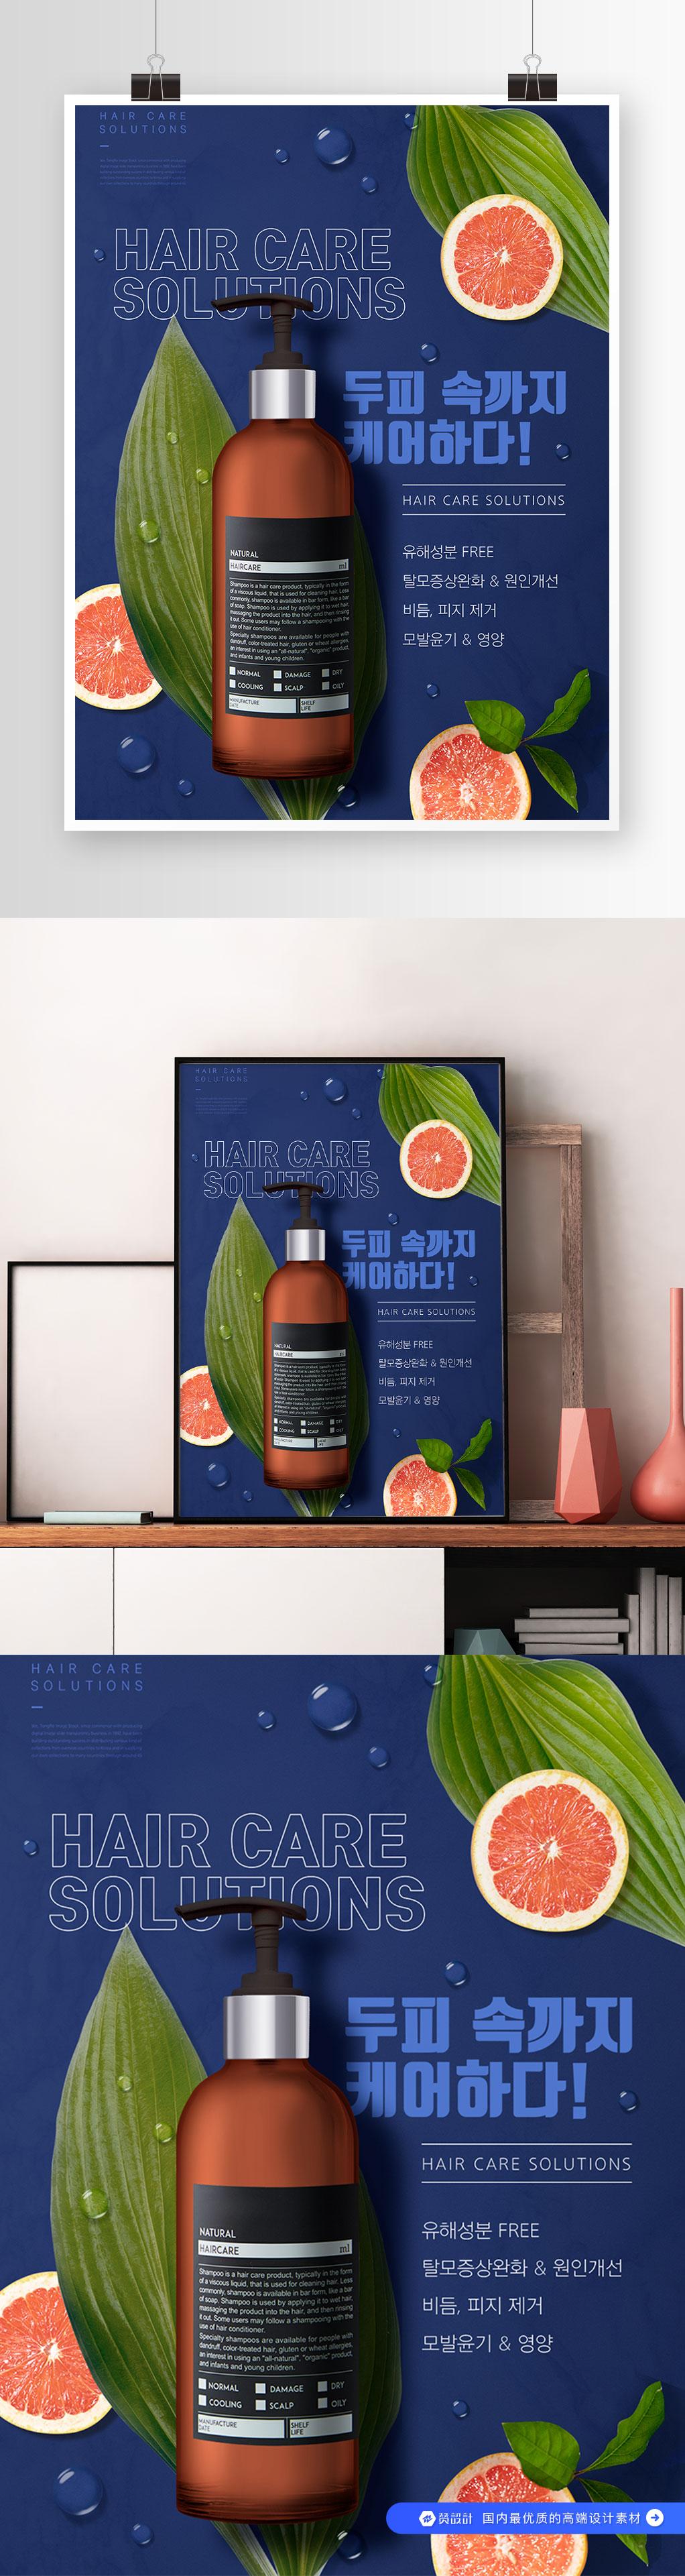 鲜橙植物精华洗发水促销海报